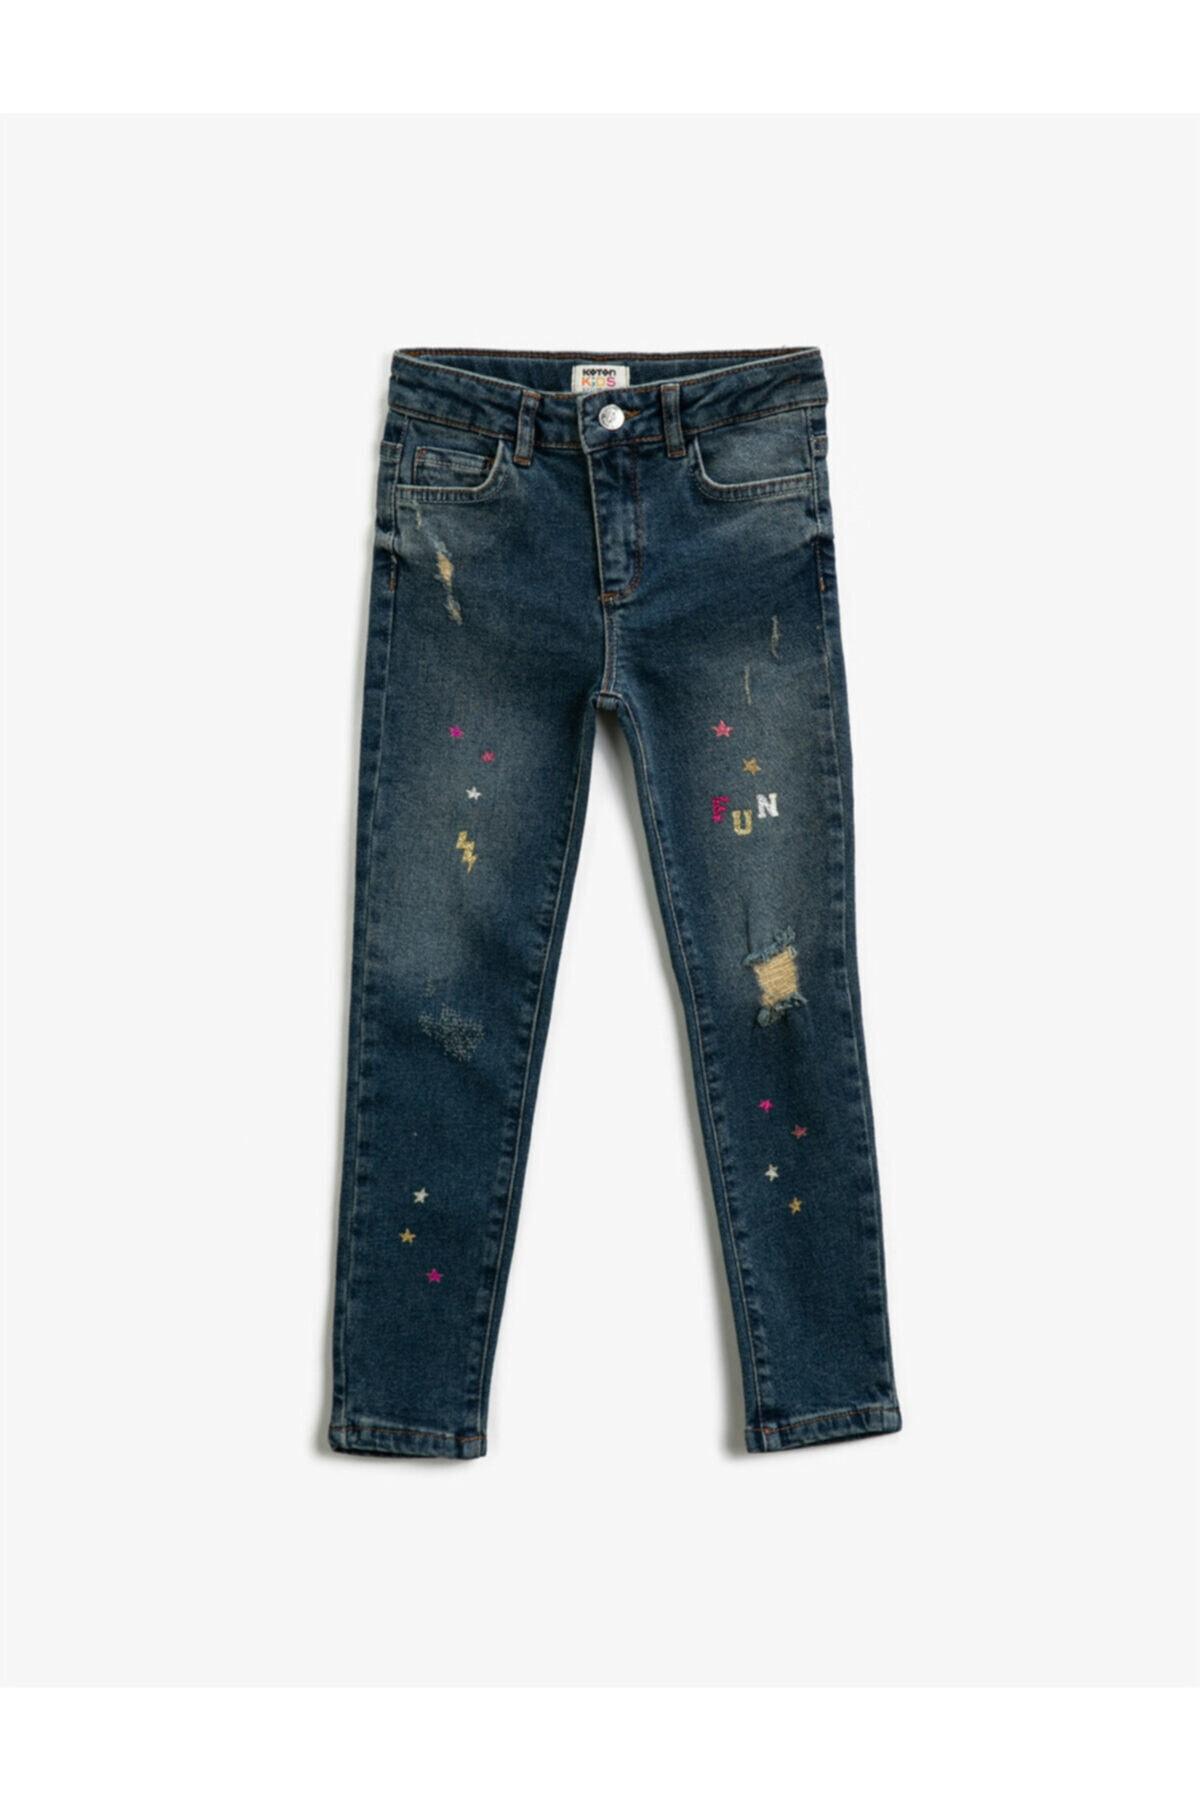 شلوار جین بچه گانه دخترانه شیک جدید برند کوتون رنگ آبی کد ty72795249